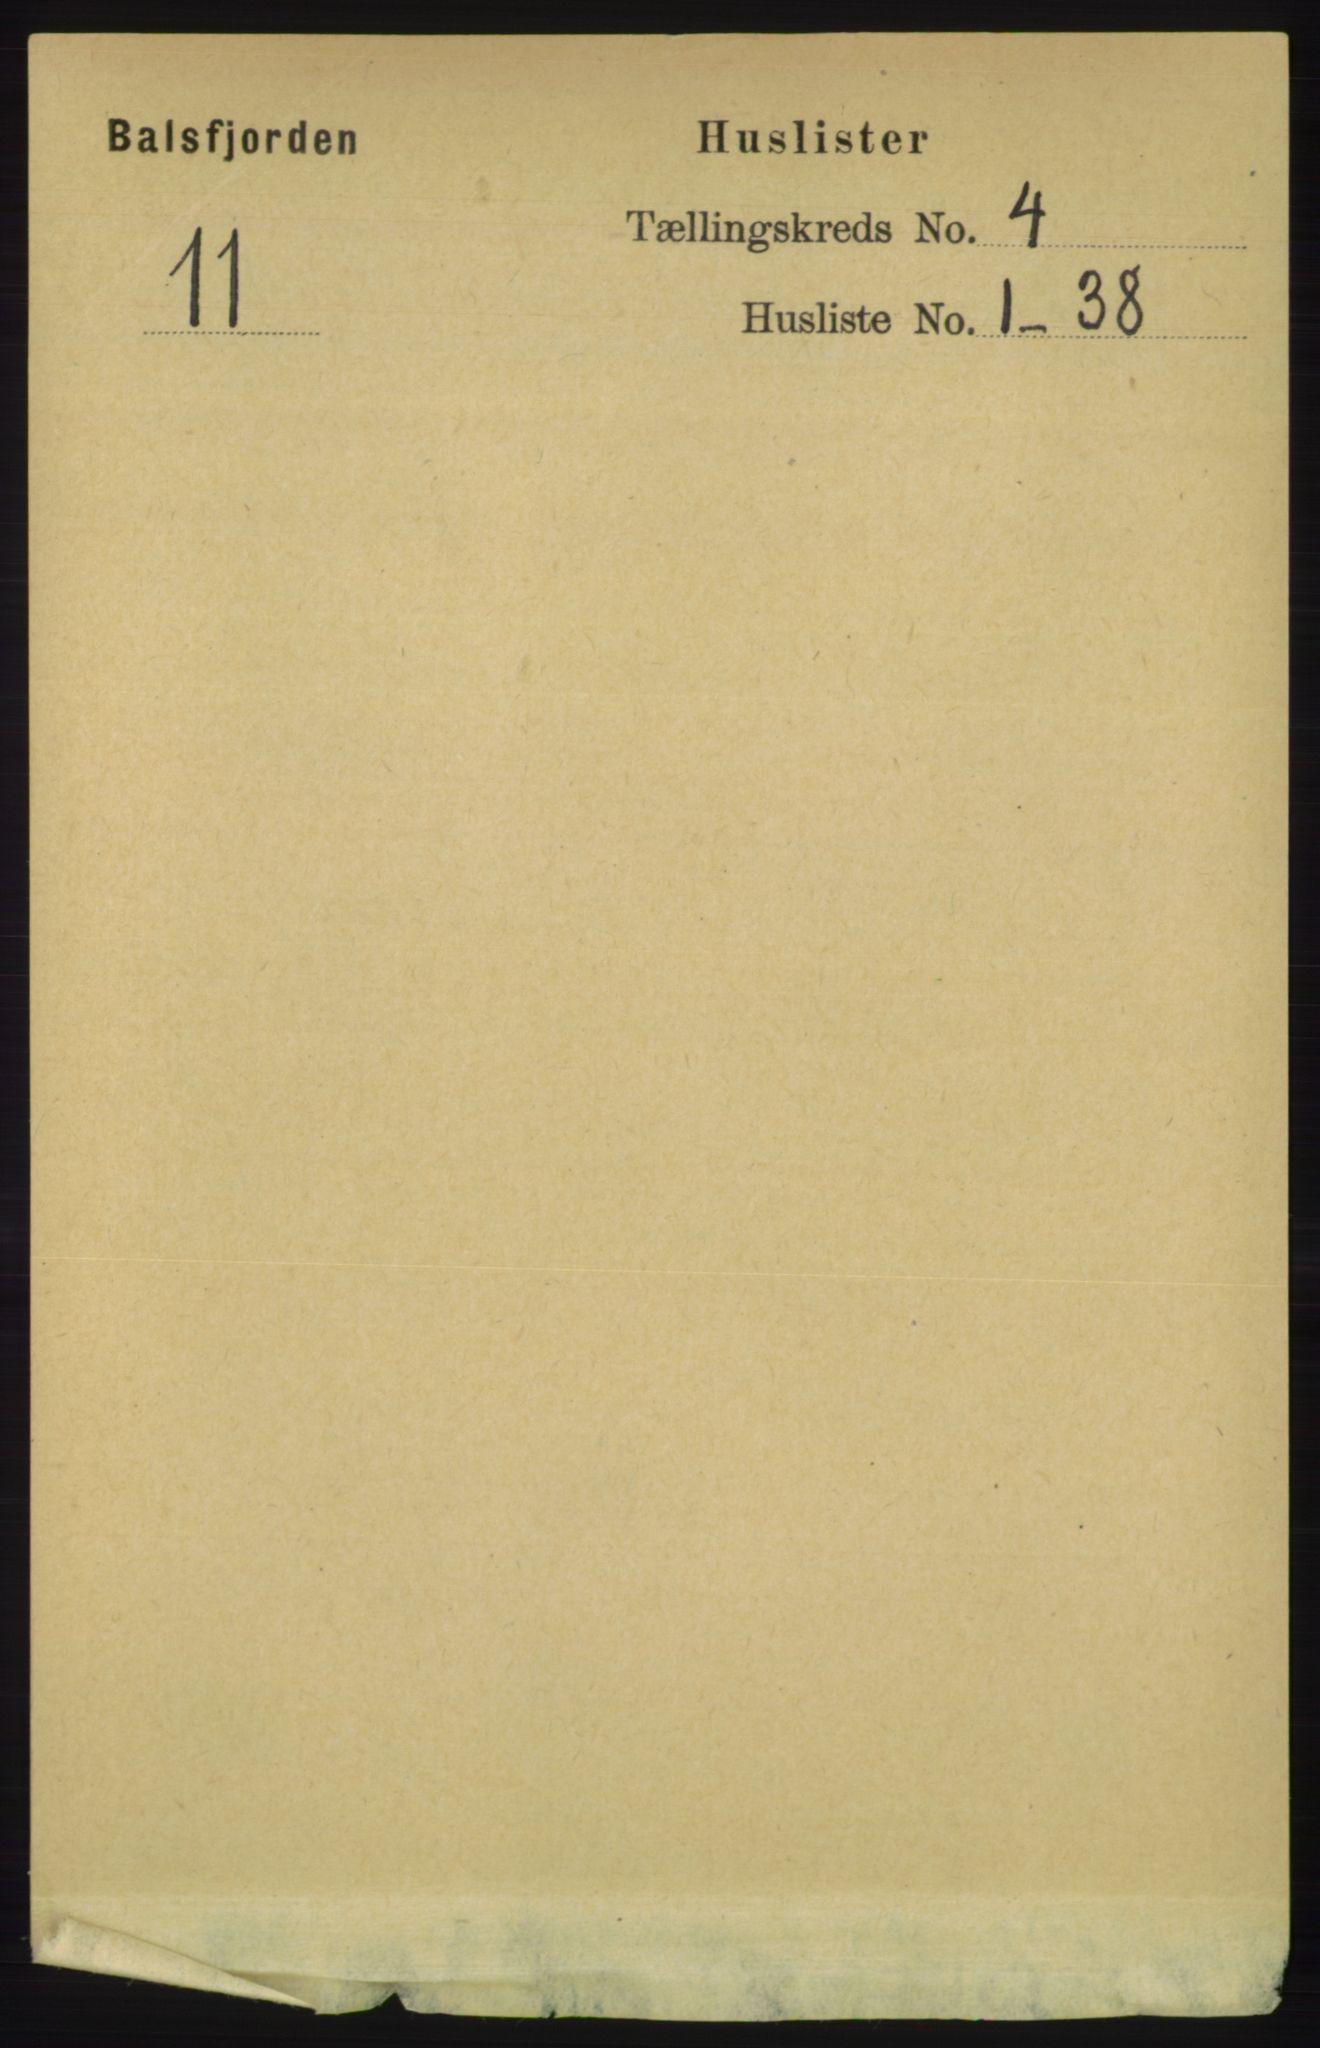 RA, Folketelling 1891 for 1933 Balsfjord herred, 1891, s. 1081